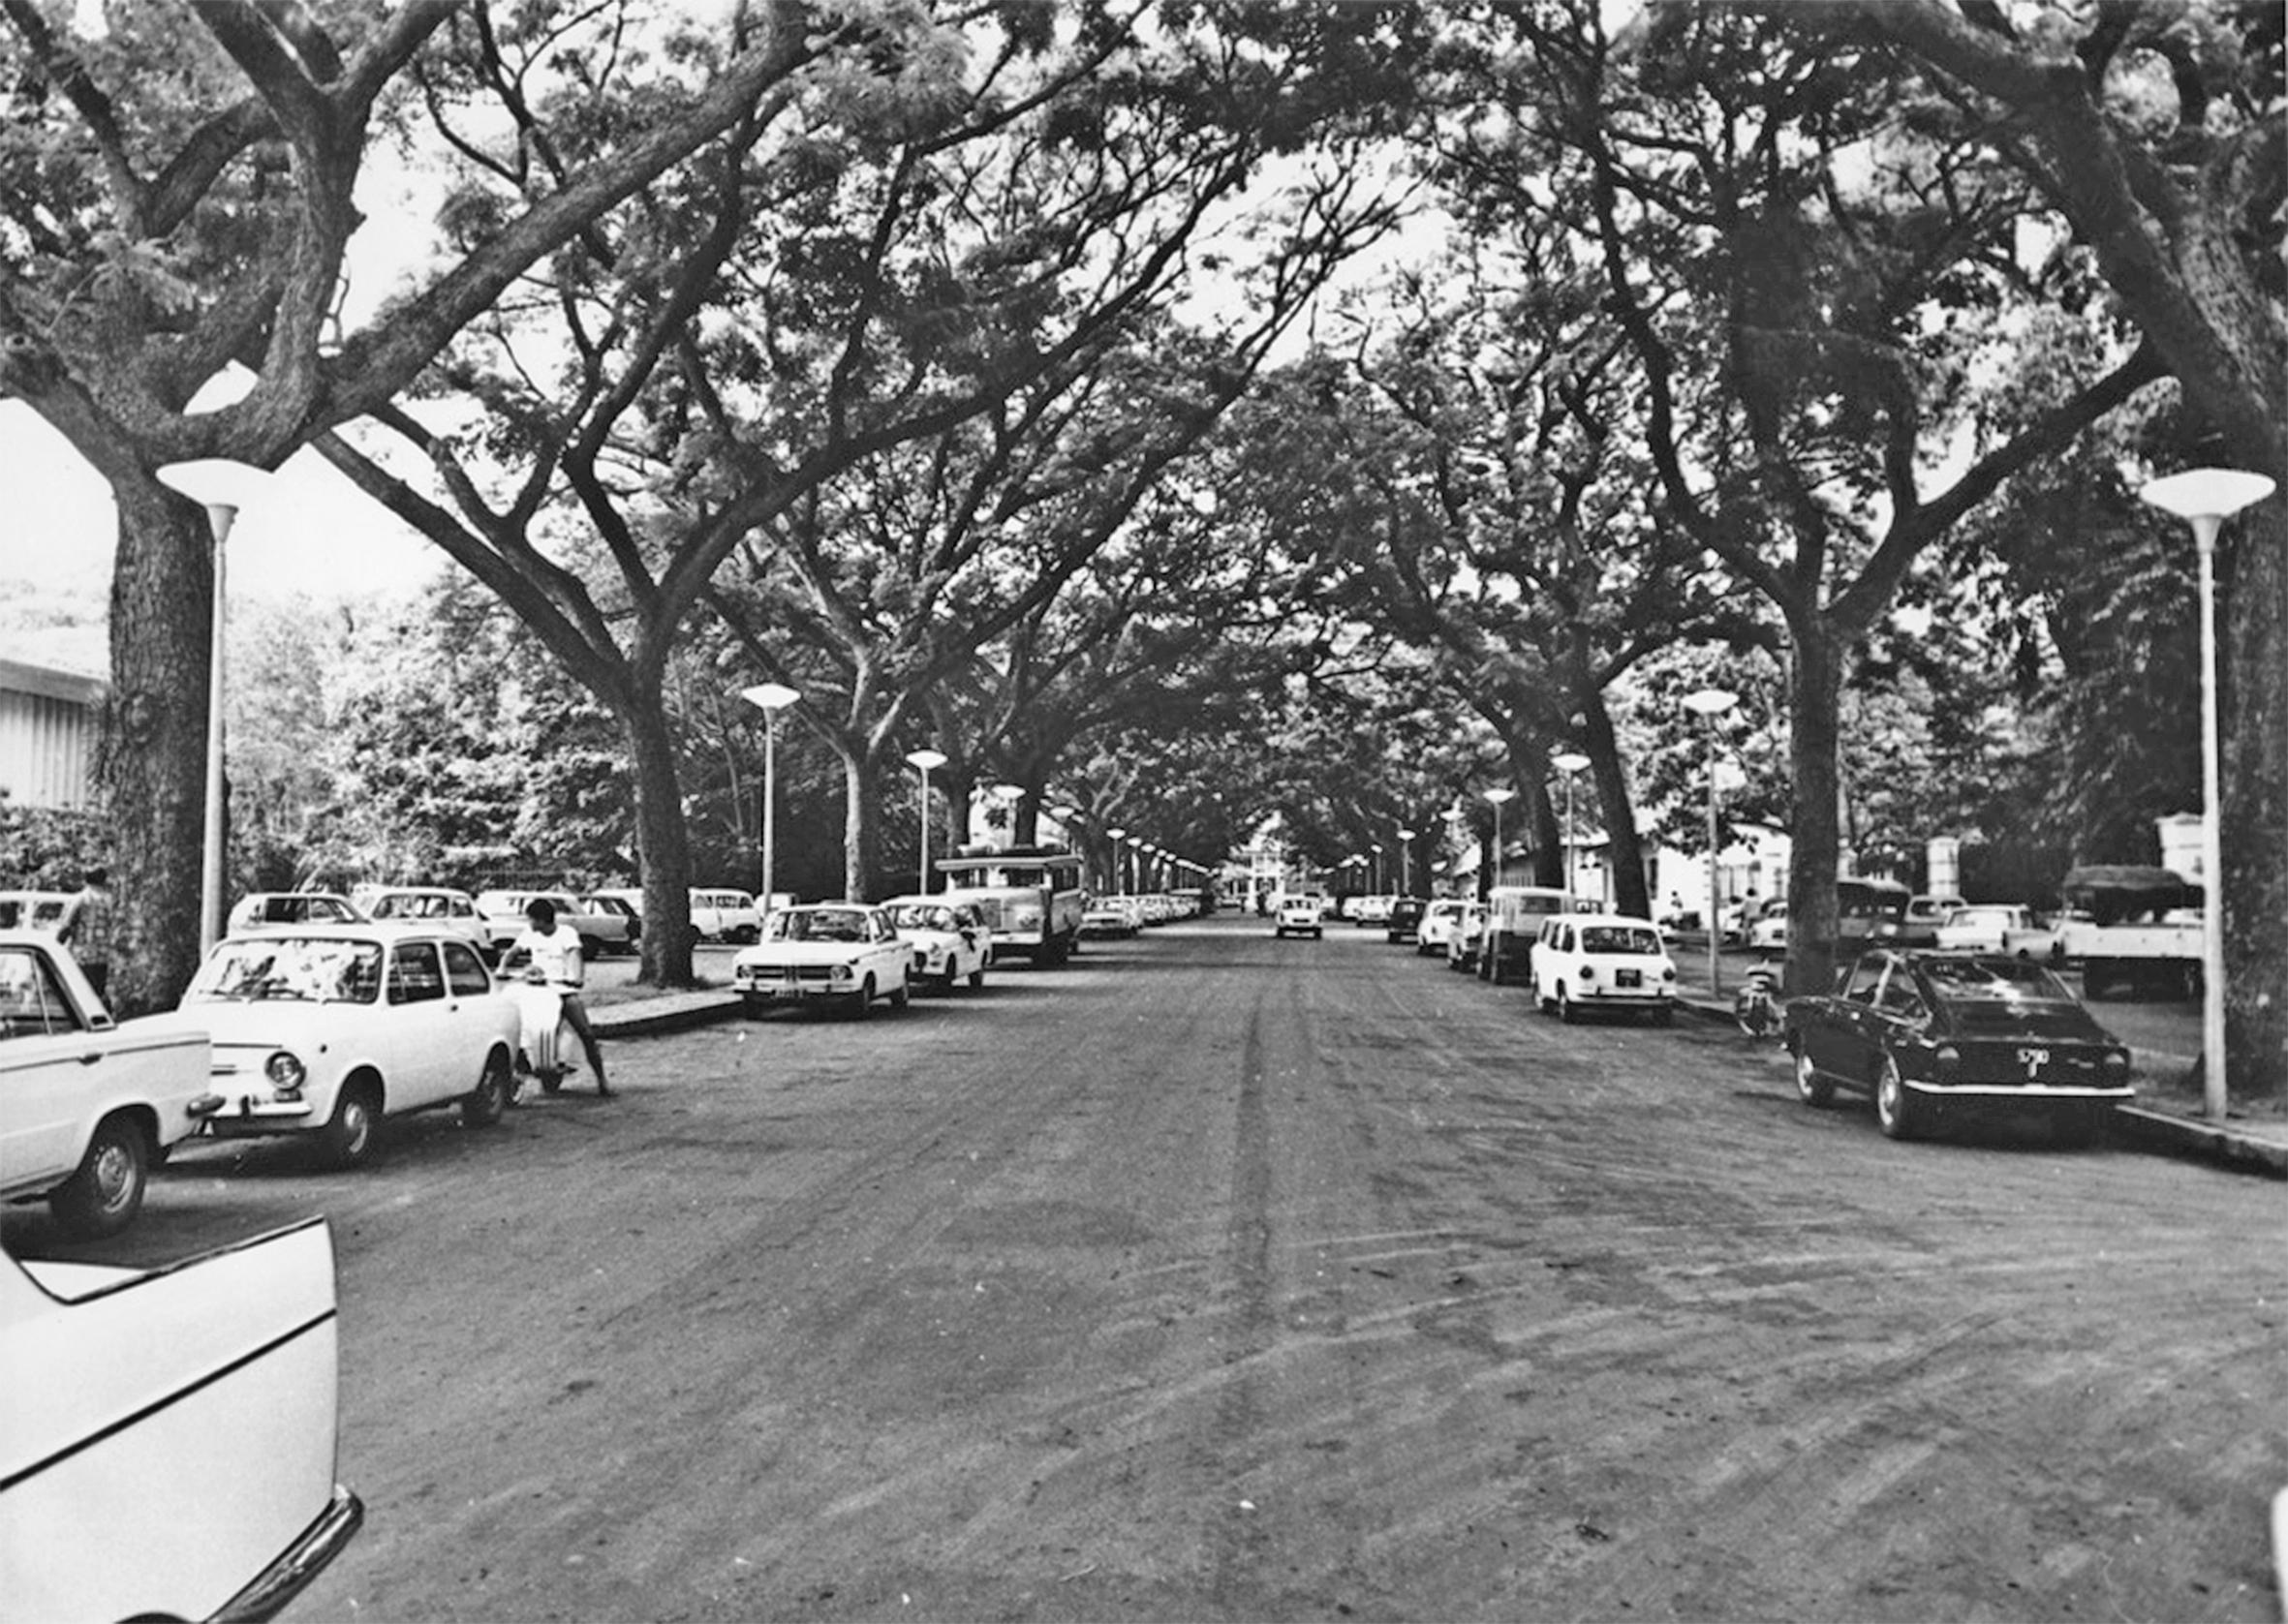 L'avenue Bruat vue du carrefour central vers la montagne en 1960